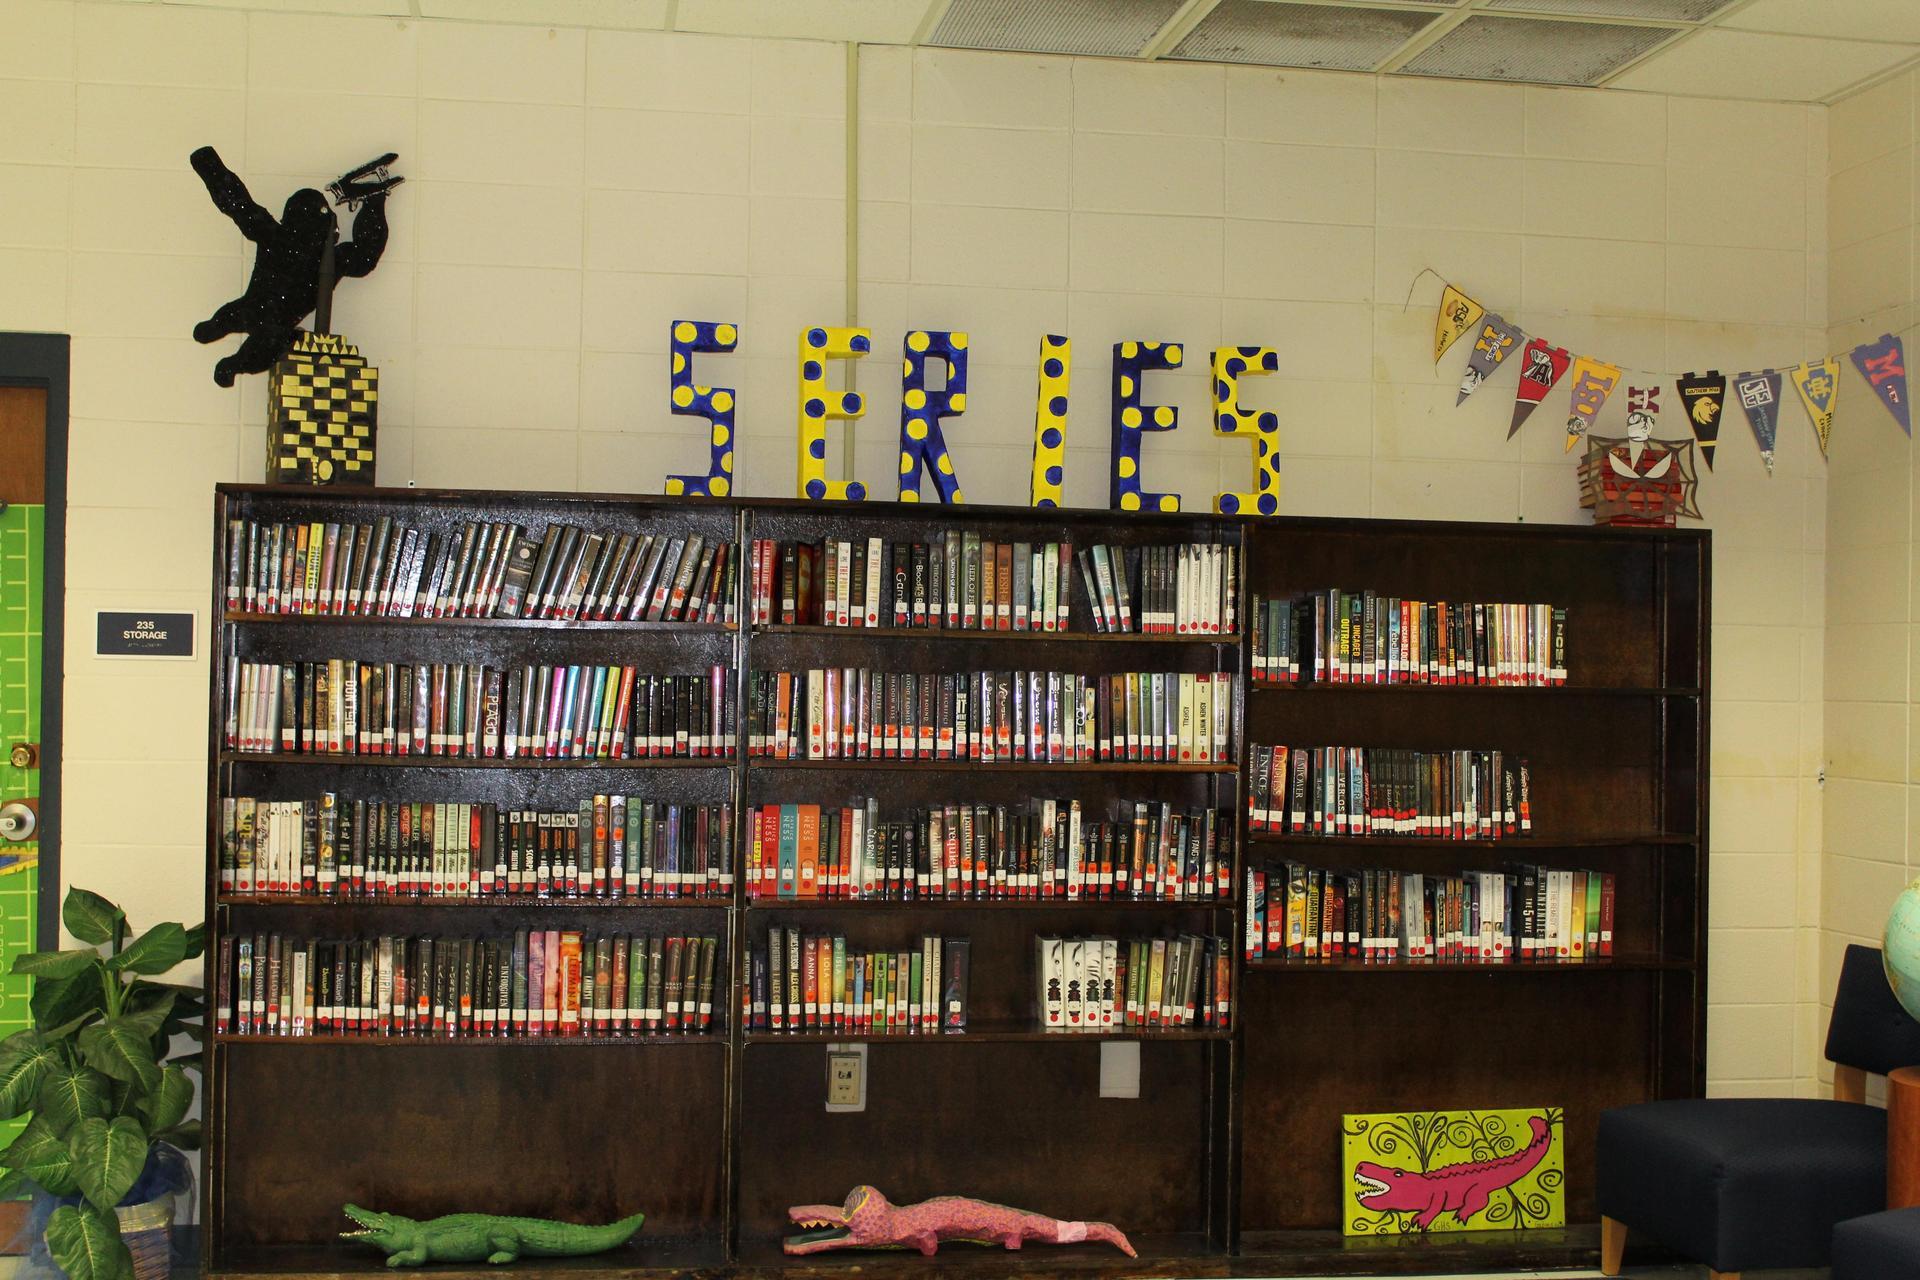 Series Book Display  at GHS